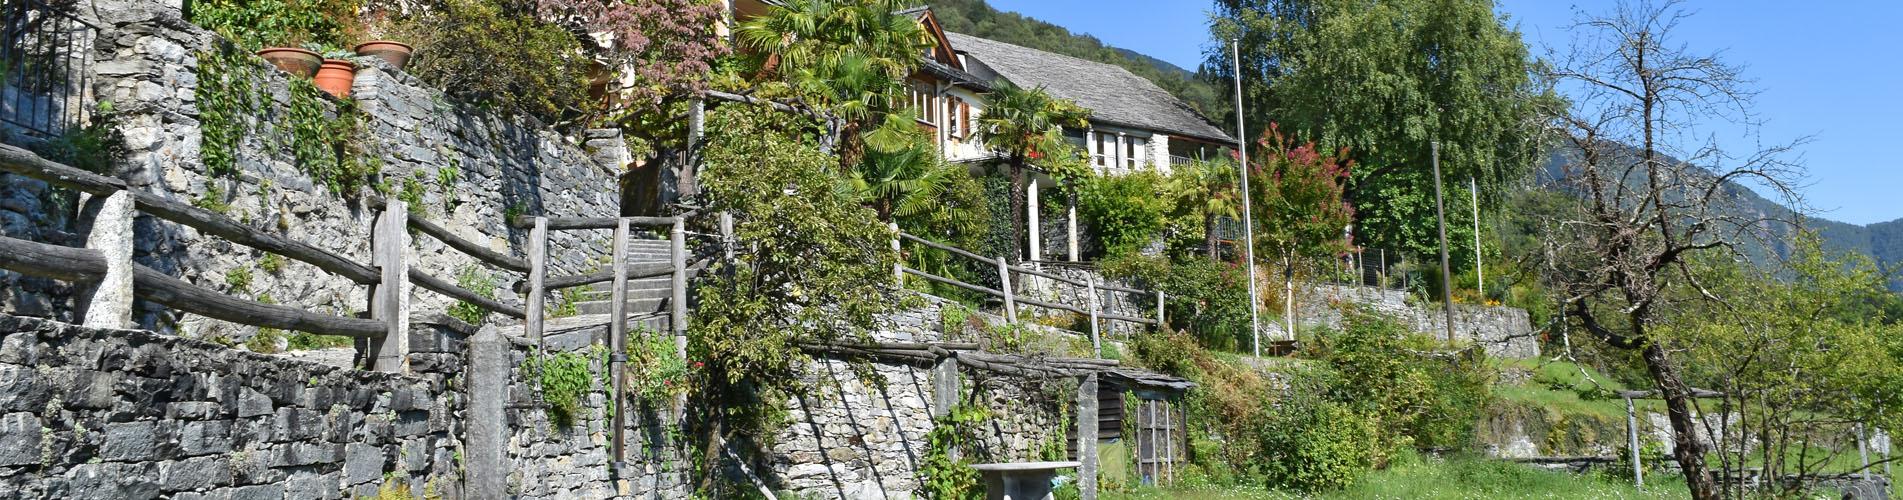 Wanderungen im Onsernonetal, Tessin – Jetzt geht's los auf die schönsten Wanderwege im Valle Onsernone.